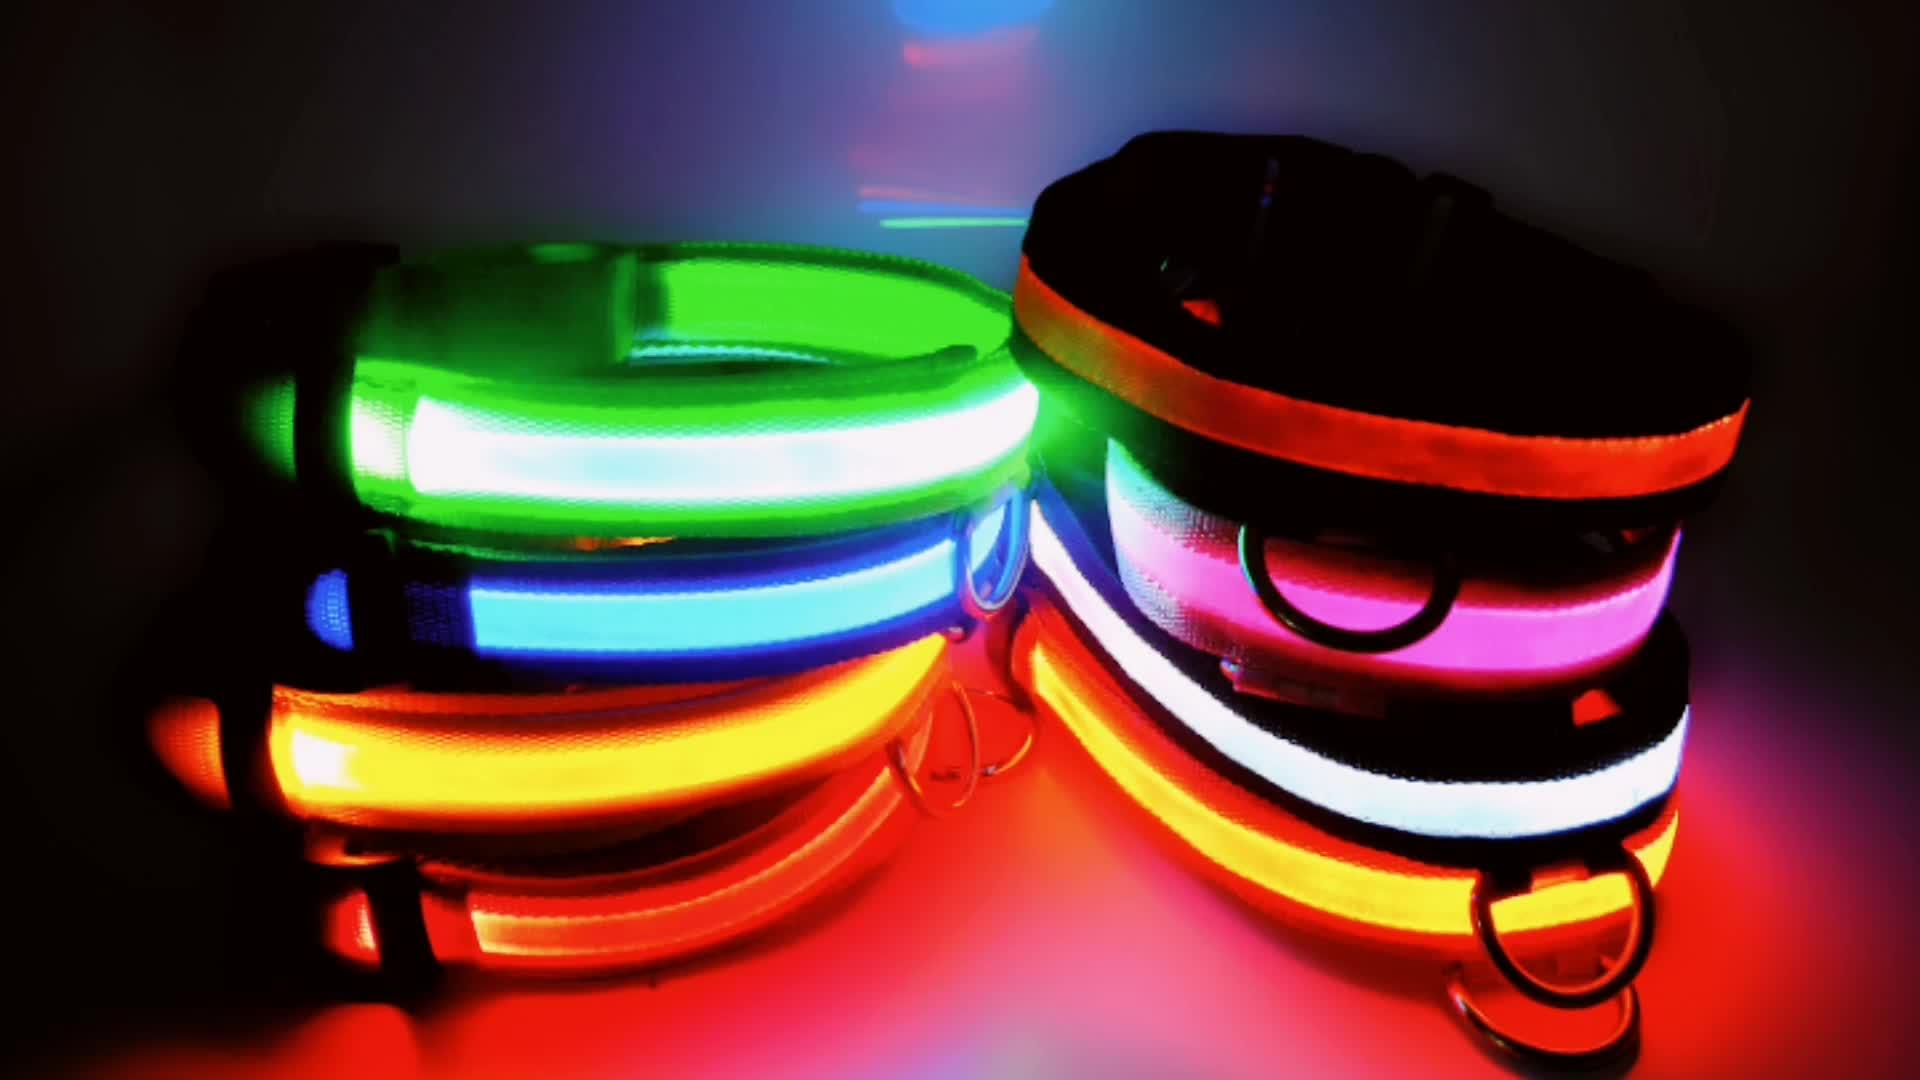 Lumières LED Chien Animaux de Compagnie Colliers Ajustable Polyester Lueur Dans La Nuit Pour Animaux De Compagnie Chien Chat Chiot Sûr Lumineux Clignotant Collier Pour Animaux De Compagnie Fournitures